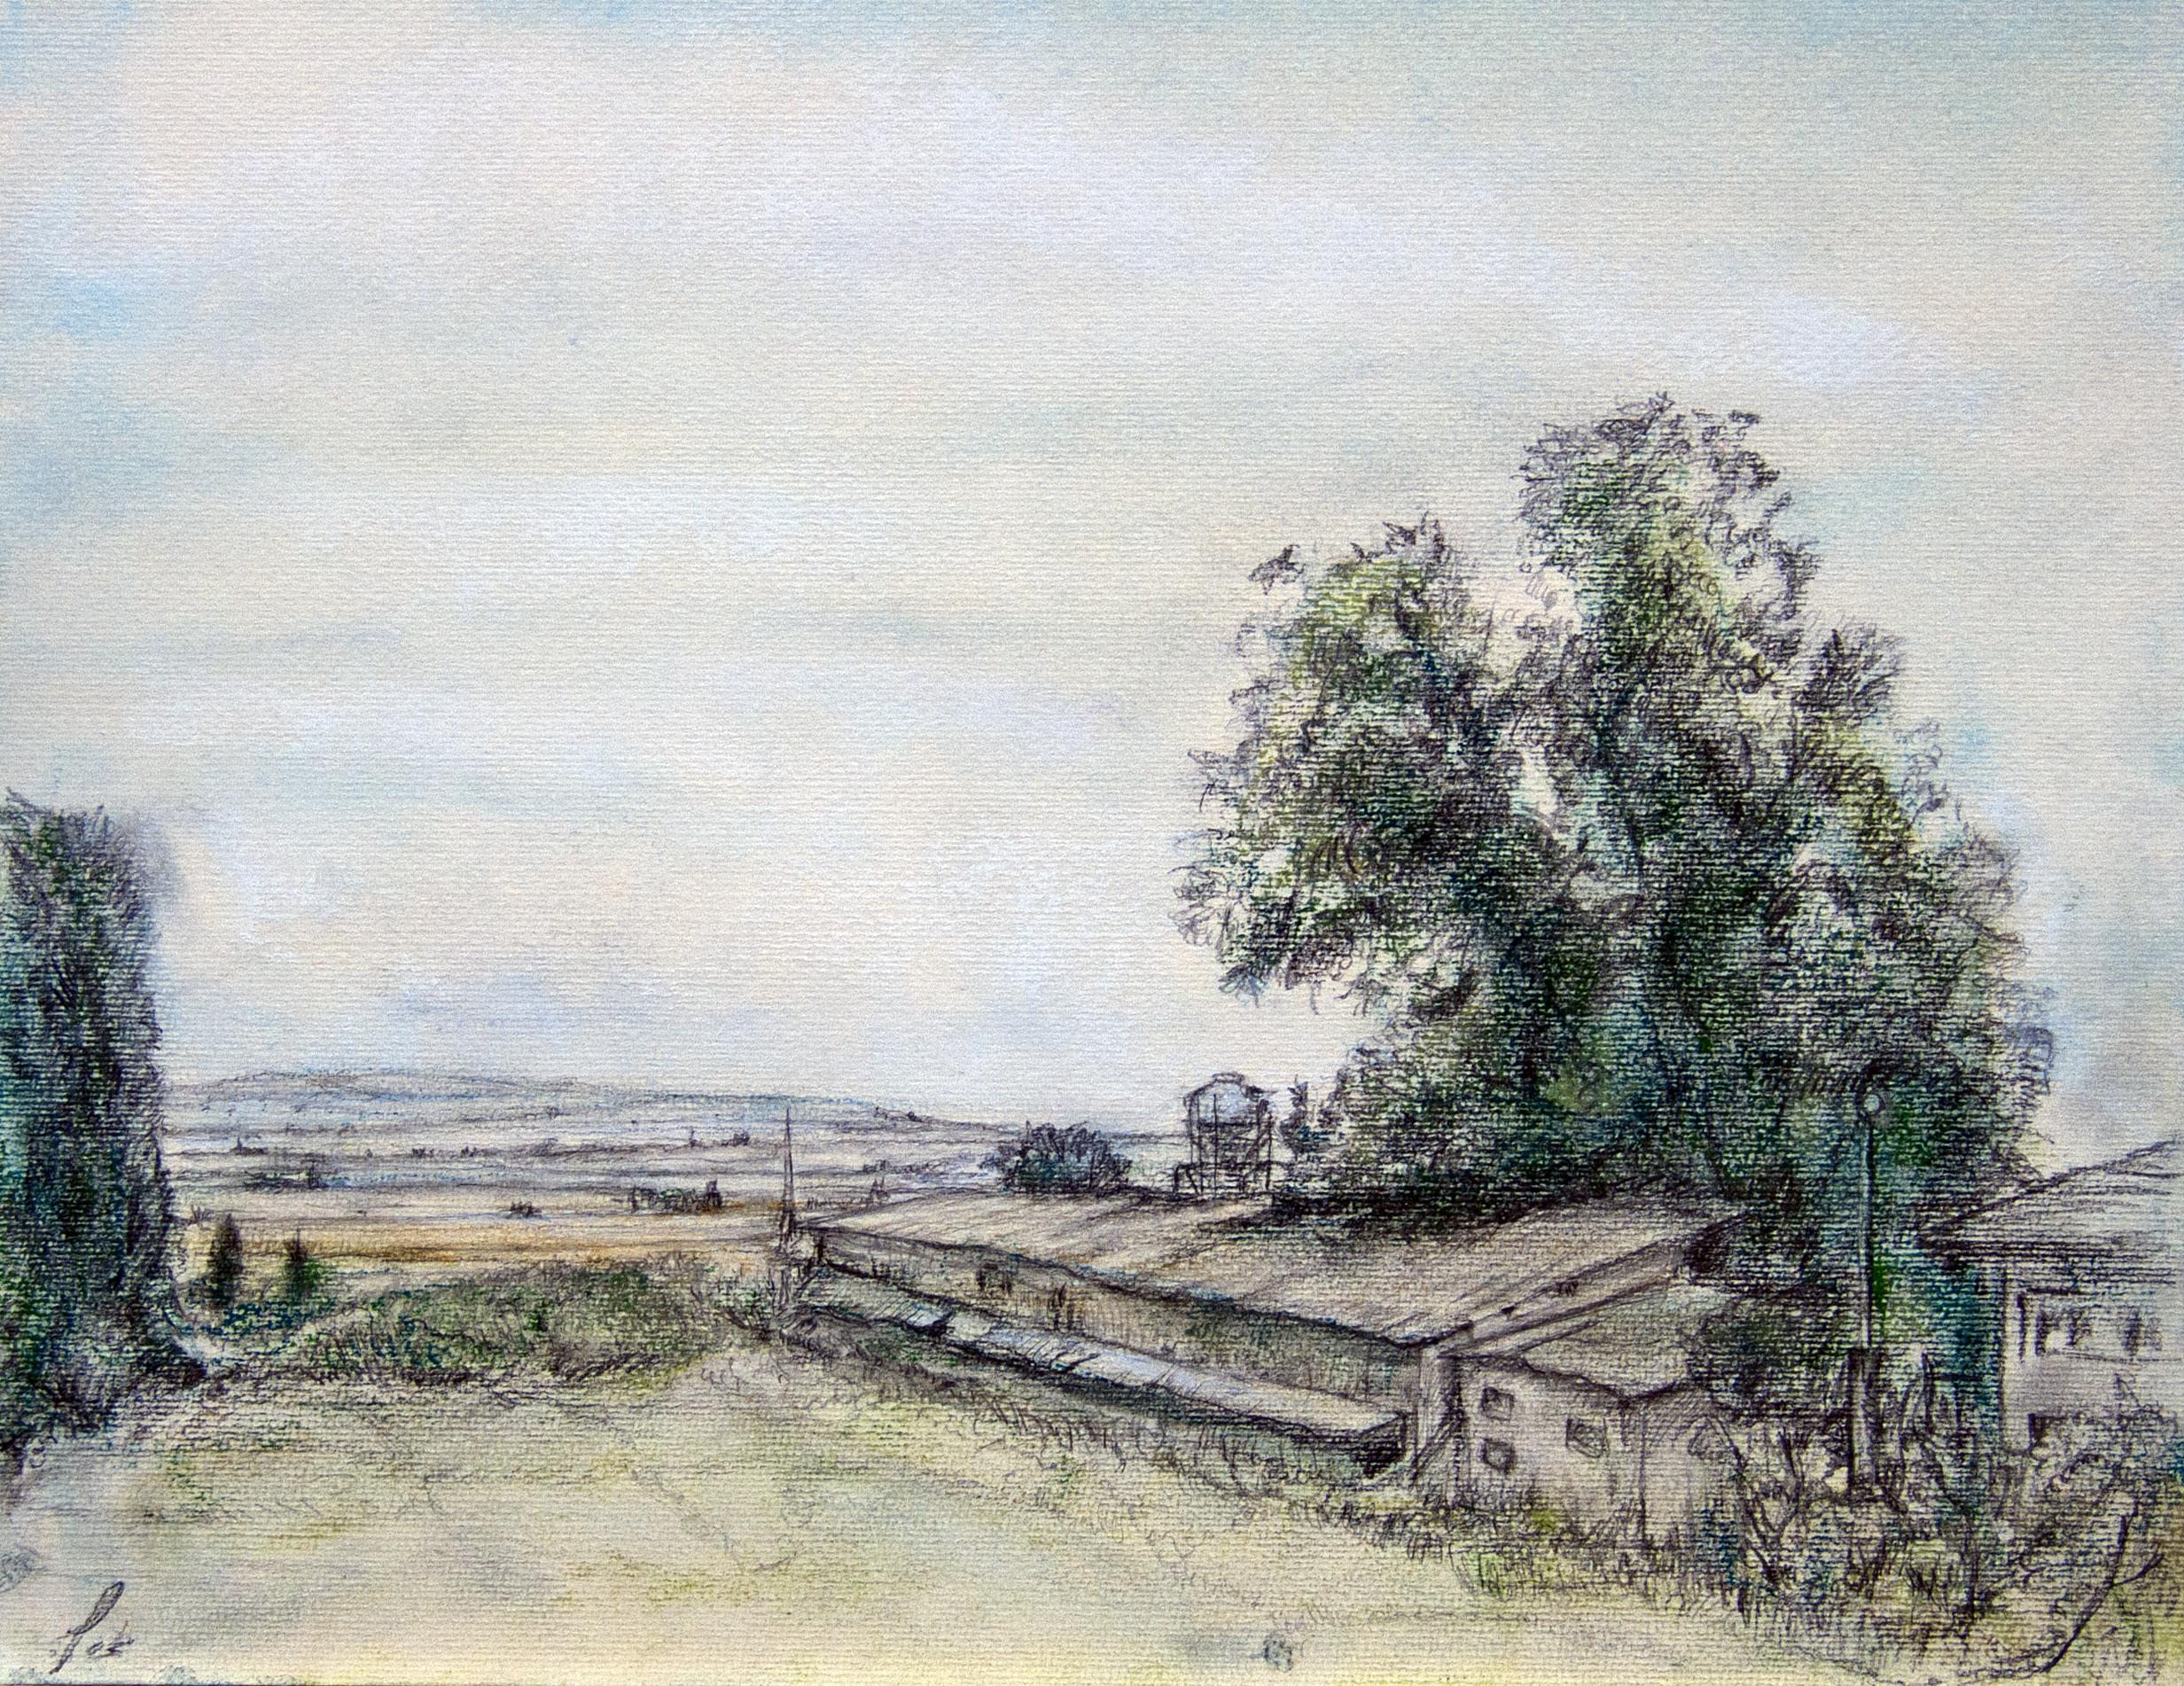 יוקנעם, מבט אל העמק